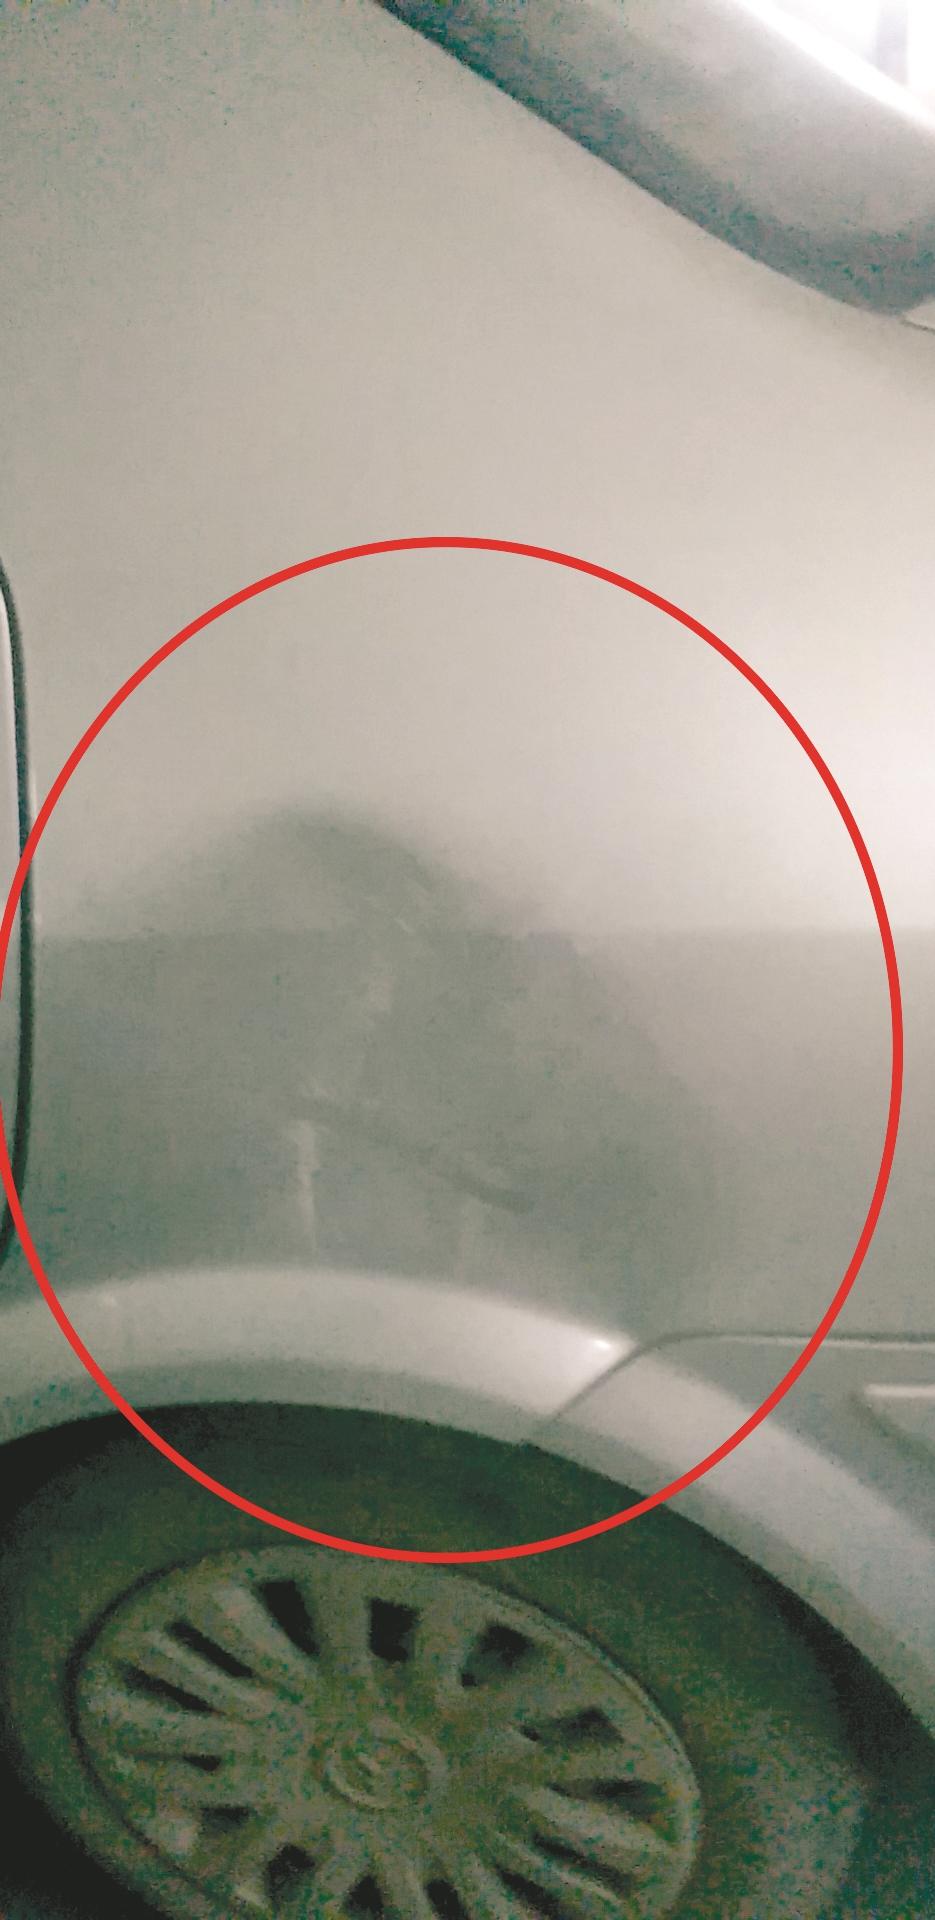 轿车停在小区车牌被人撬走 事发地有监控摄像头 青山警方已介入调查